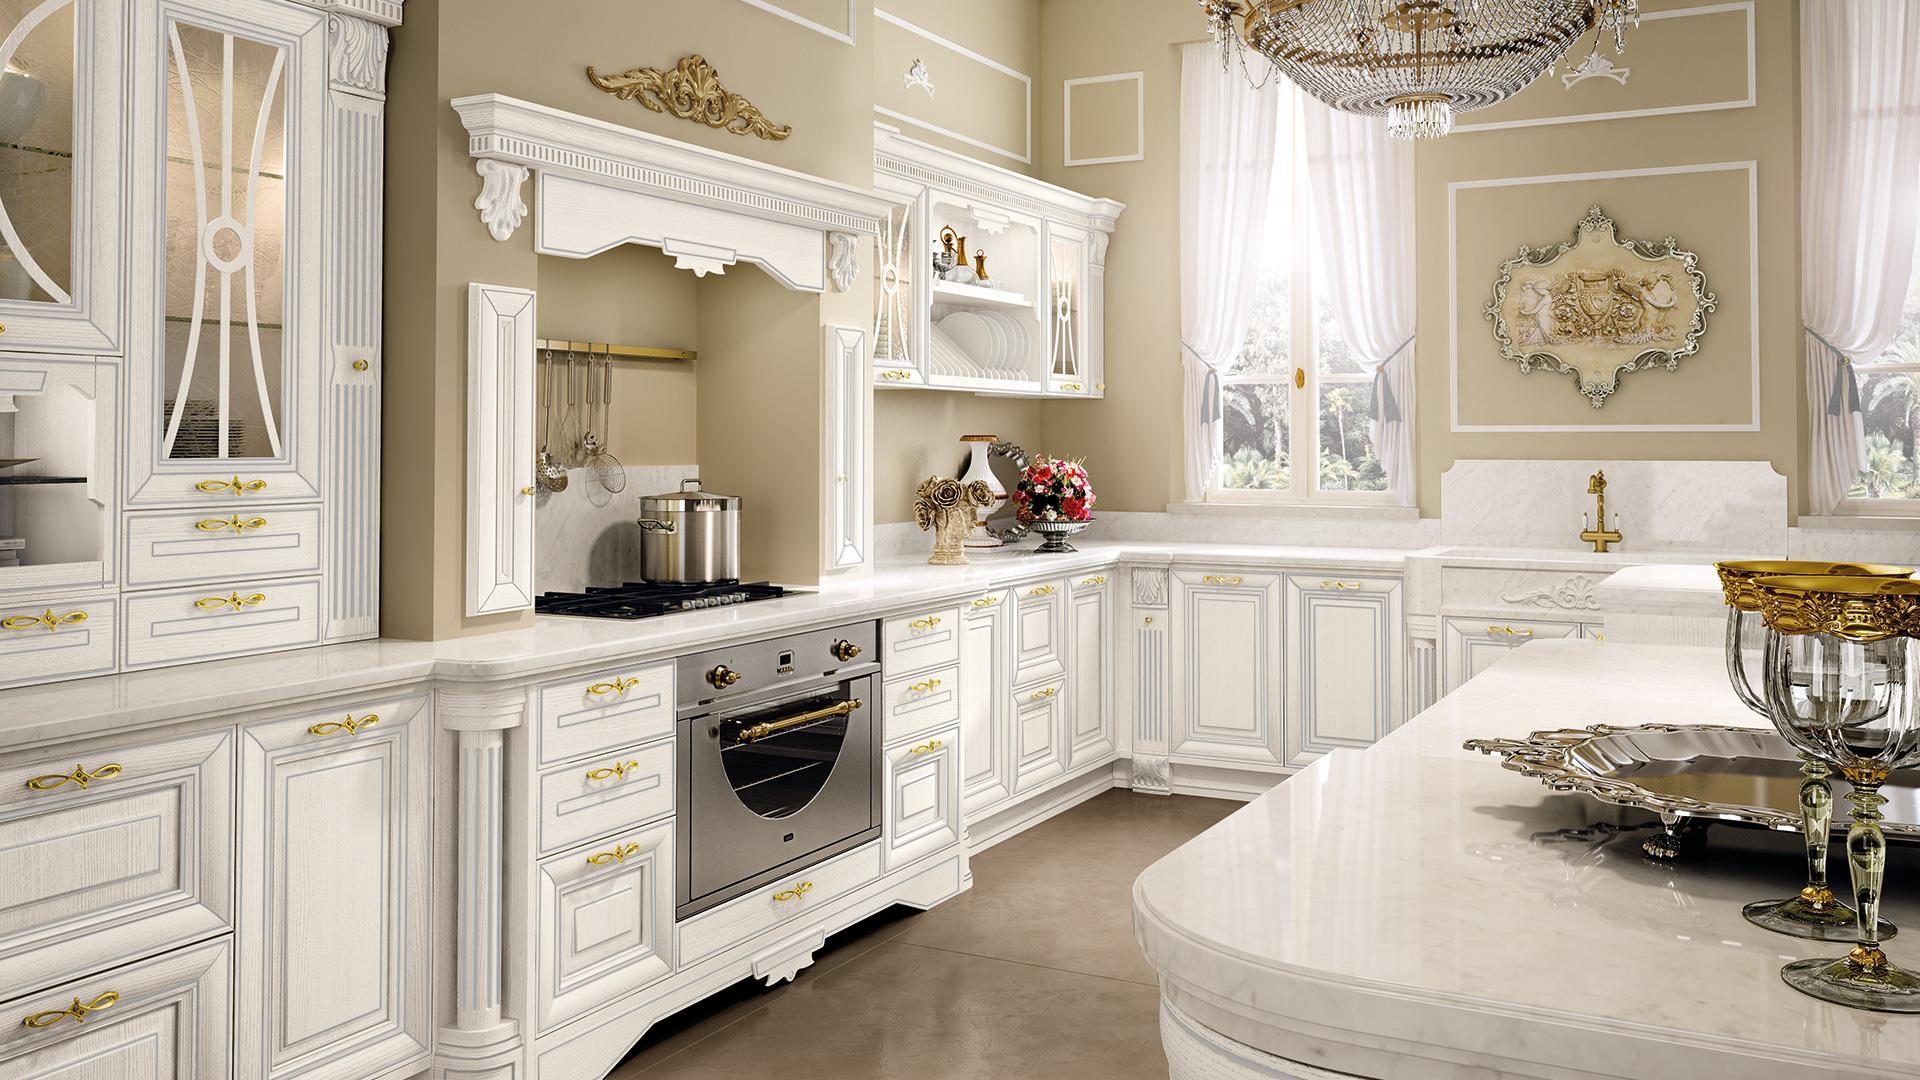 Rizzo arreda lube arredamenti paderno dugnano cucine - Casa di cura paderno dugnano ...